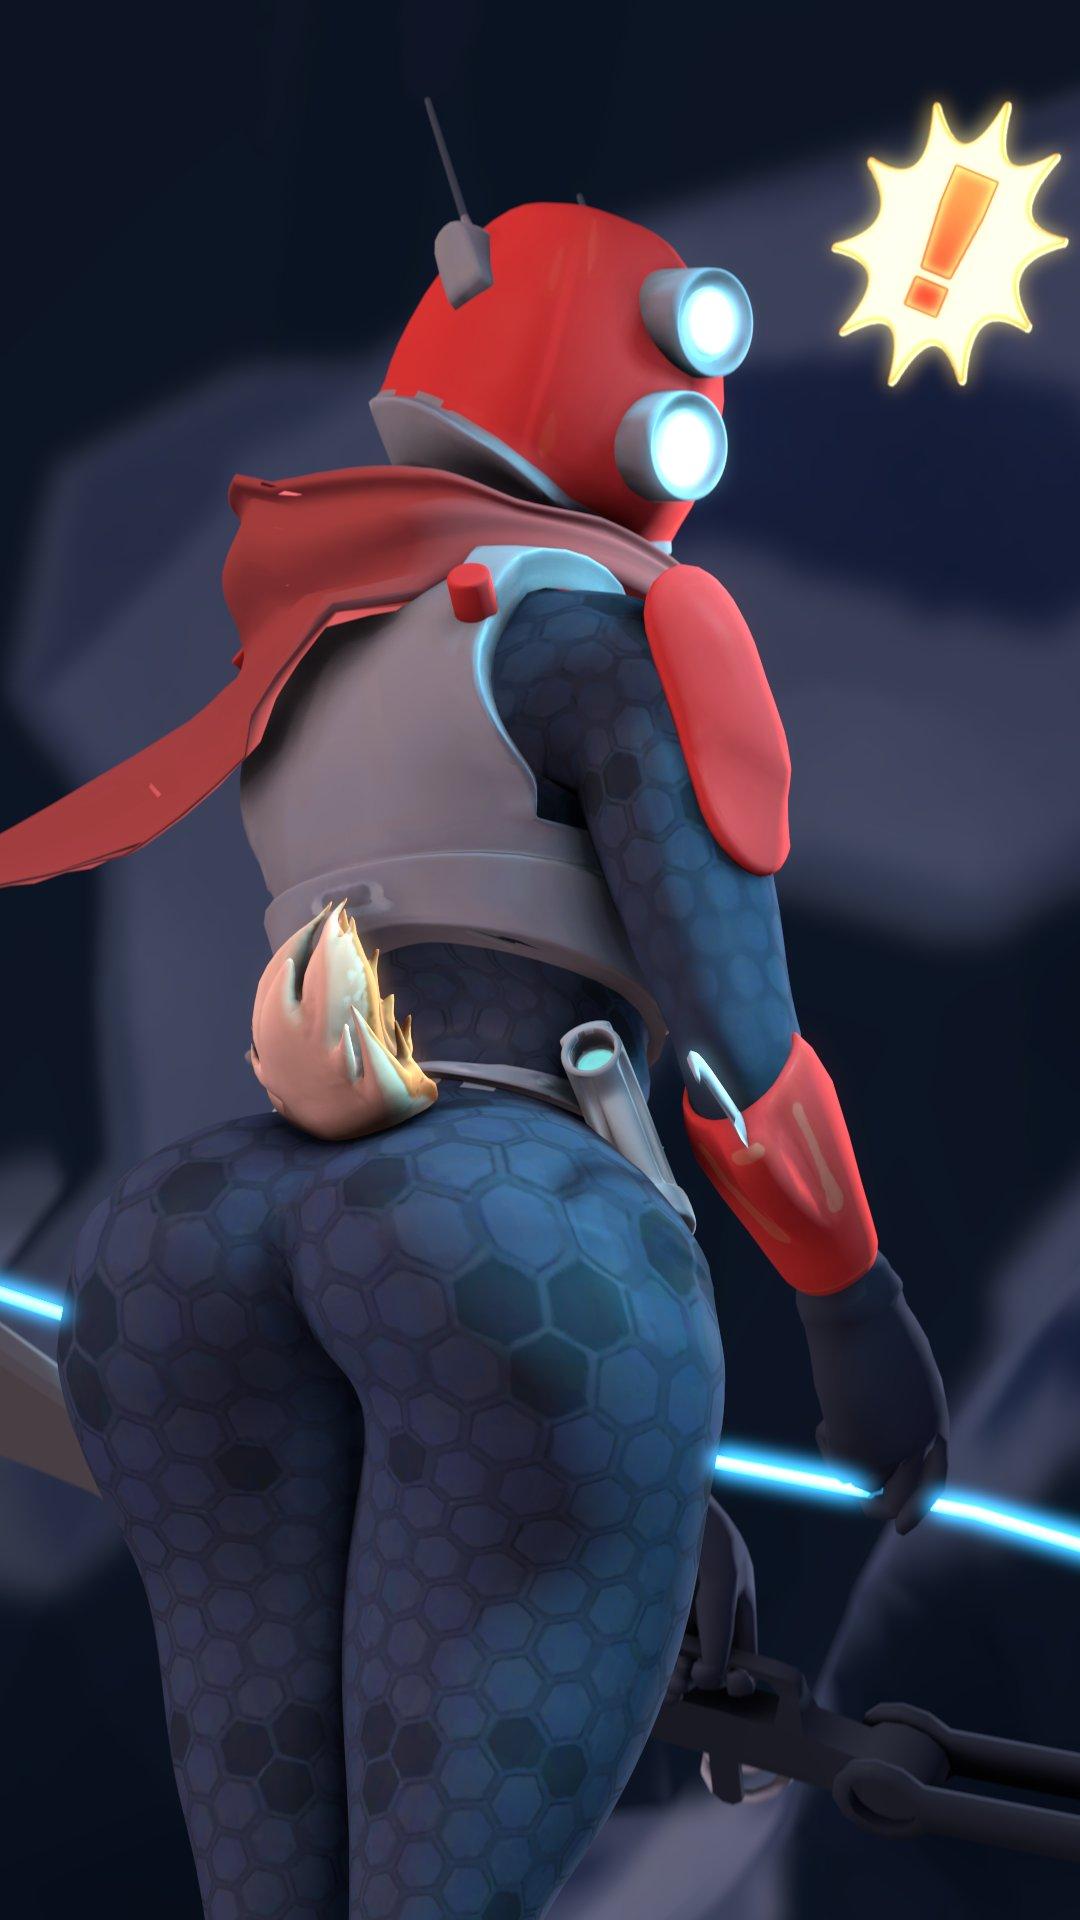 of thicc 2 risk rain mod Dragon ball super helles hentai